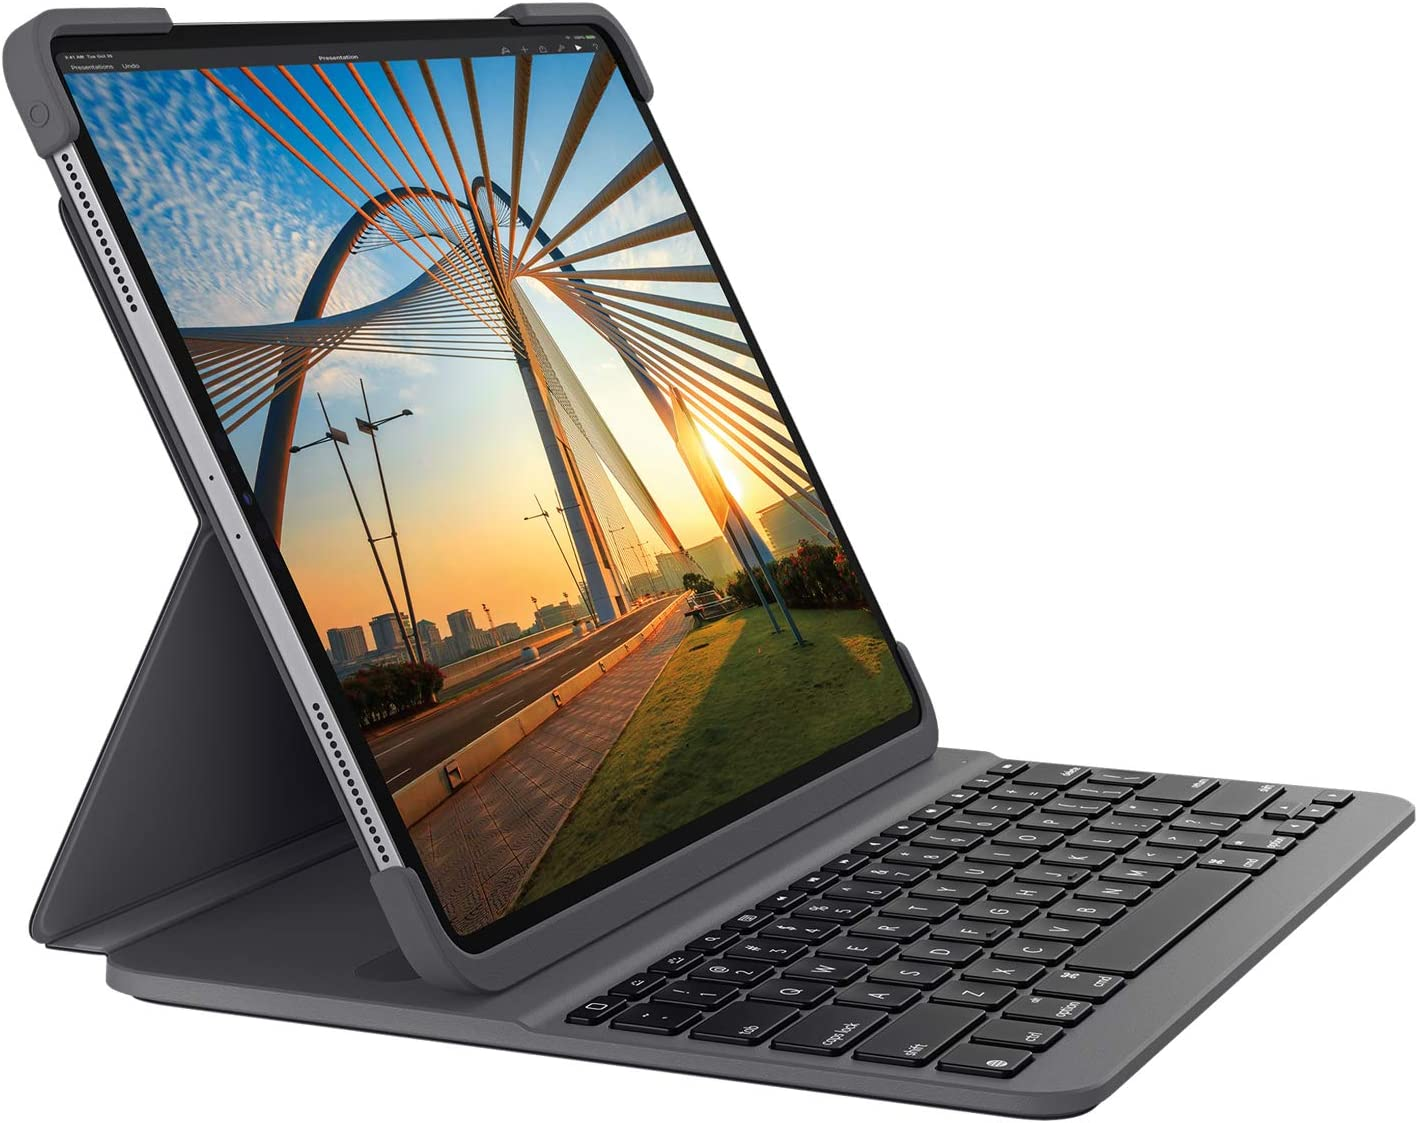 Generazione Logitech SLIM FOLIO PRO Bluetooth Keyboard Case con retroilluminazione per iPad Pro 11 pollici - Grafite 1. e 2